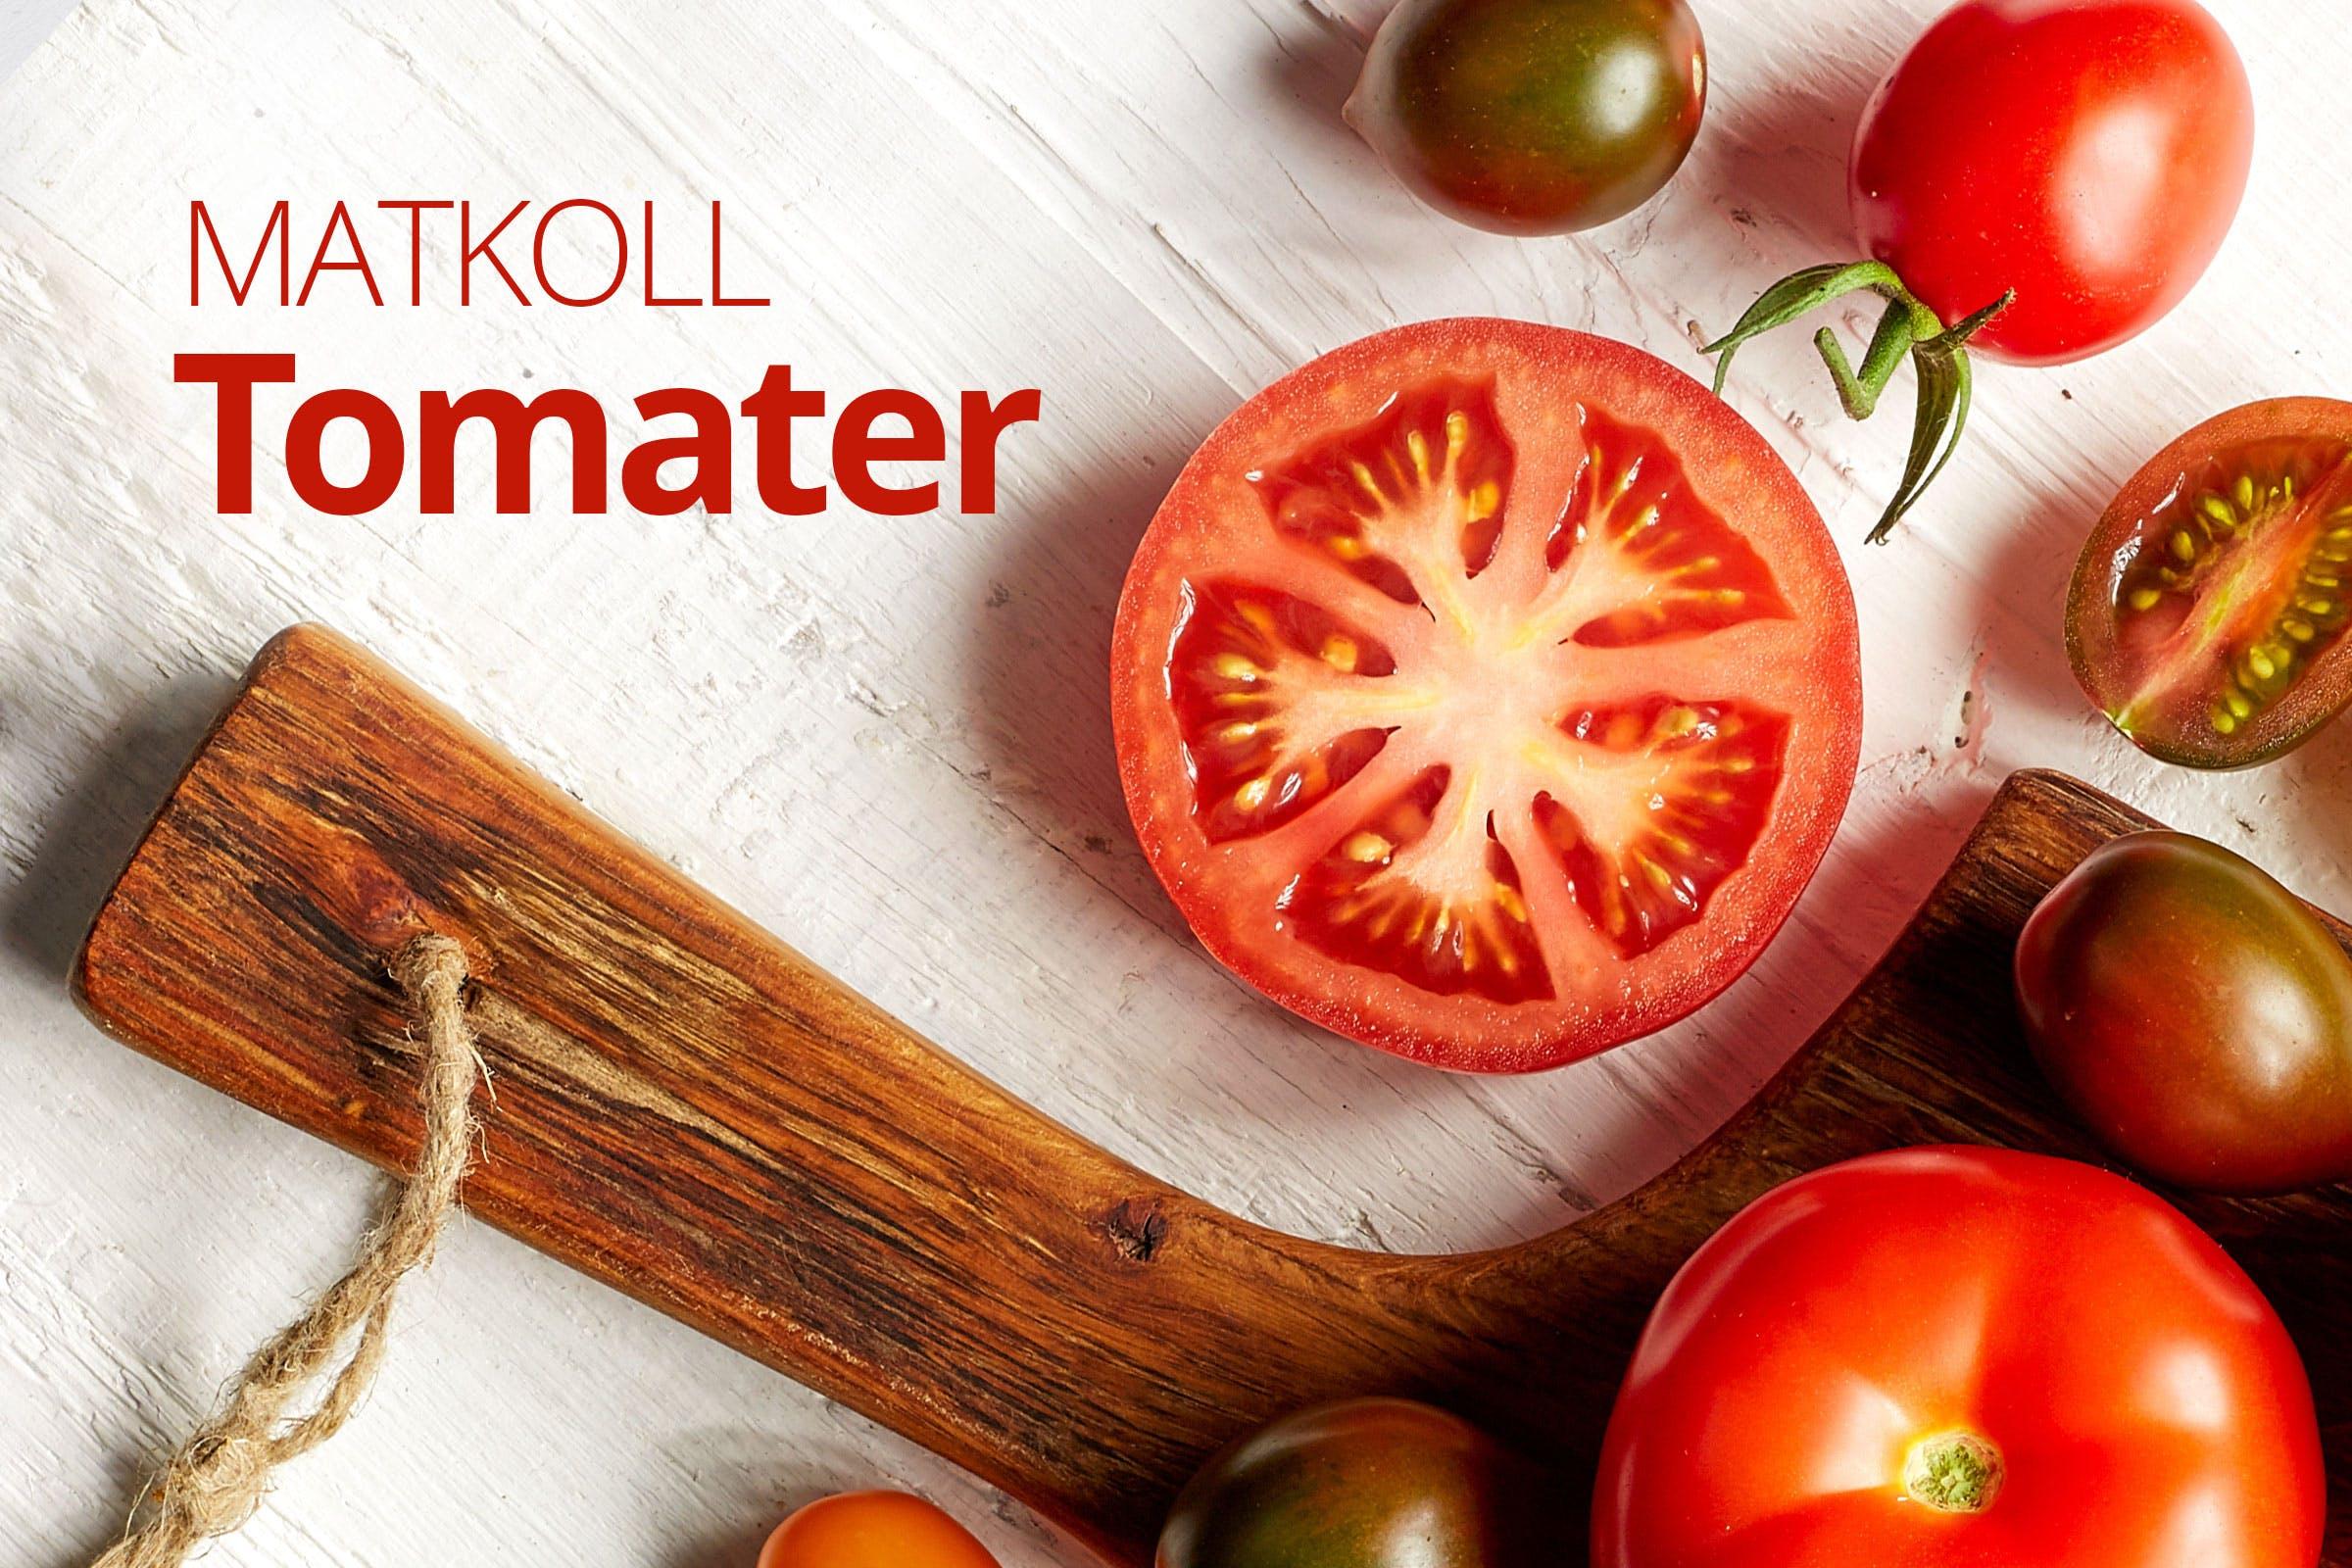 KD_Ingredient_2400x1600_Tomato